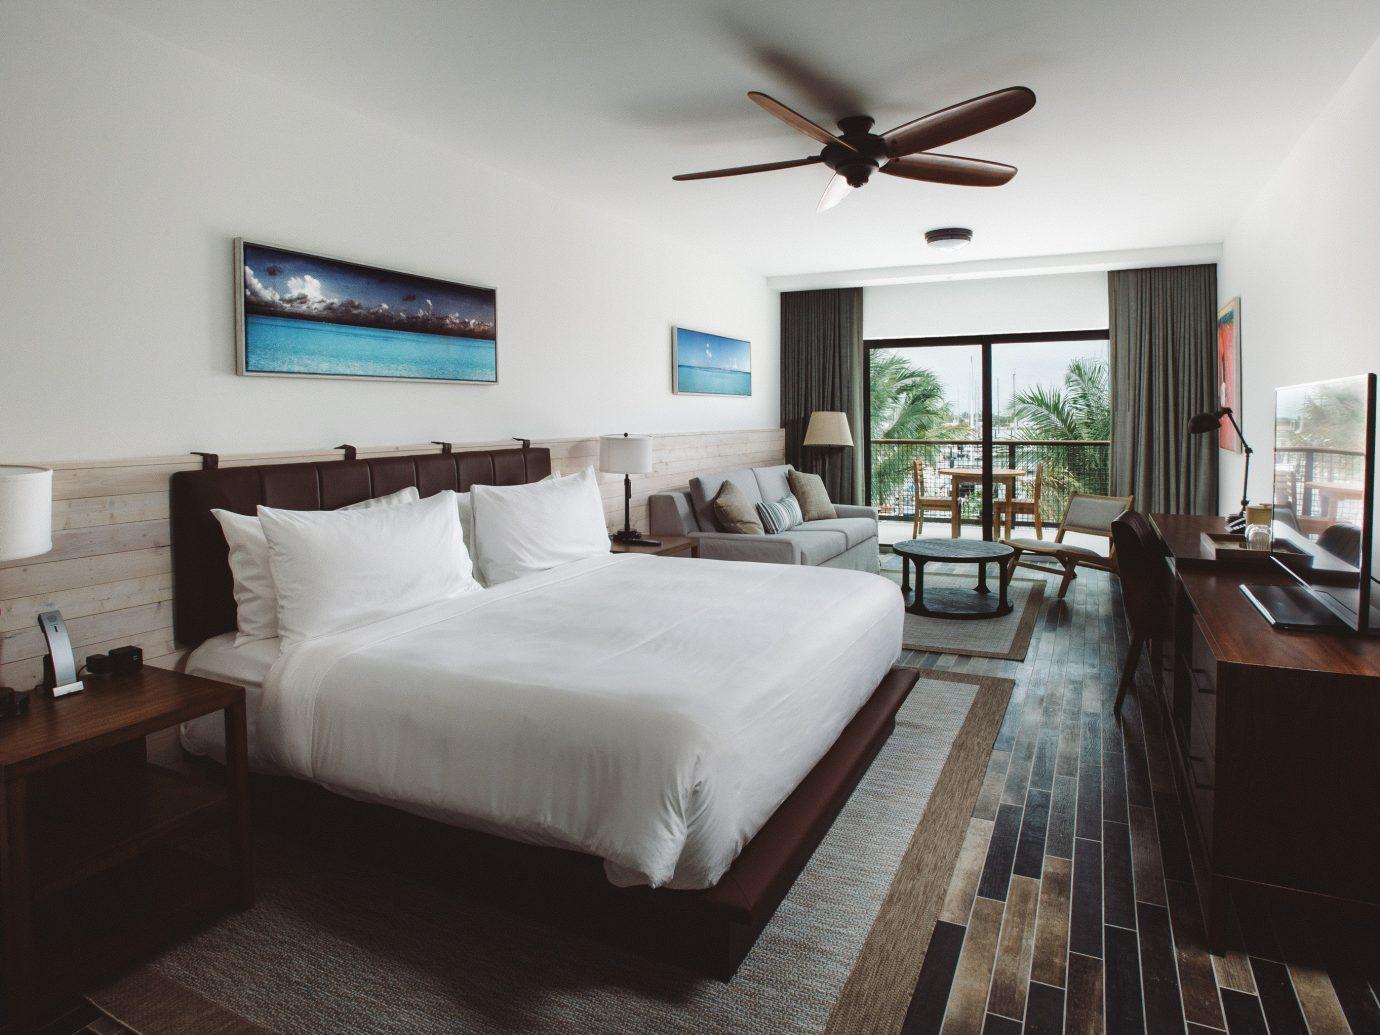 Florida Hotels indoor bed wall floor room Bedroom hotel ceiling real estate interior design Suite estate home bed frame